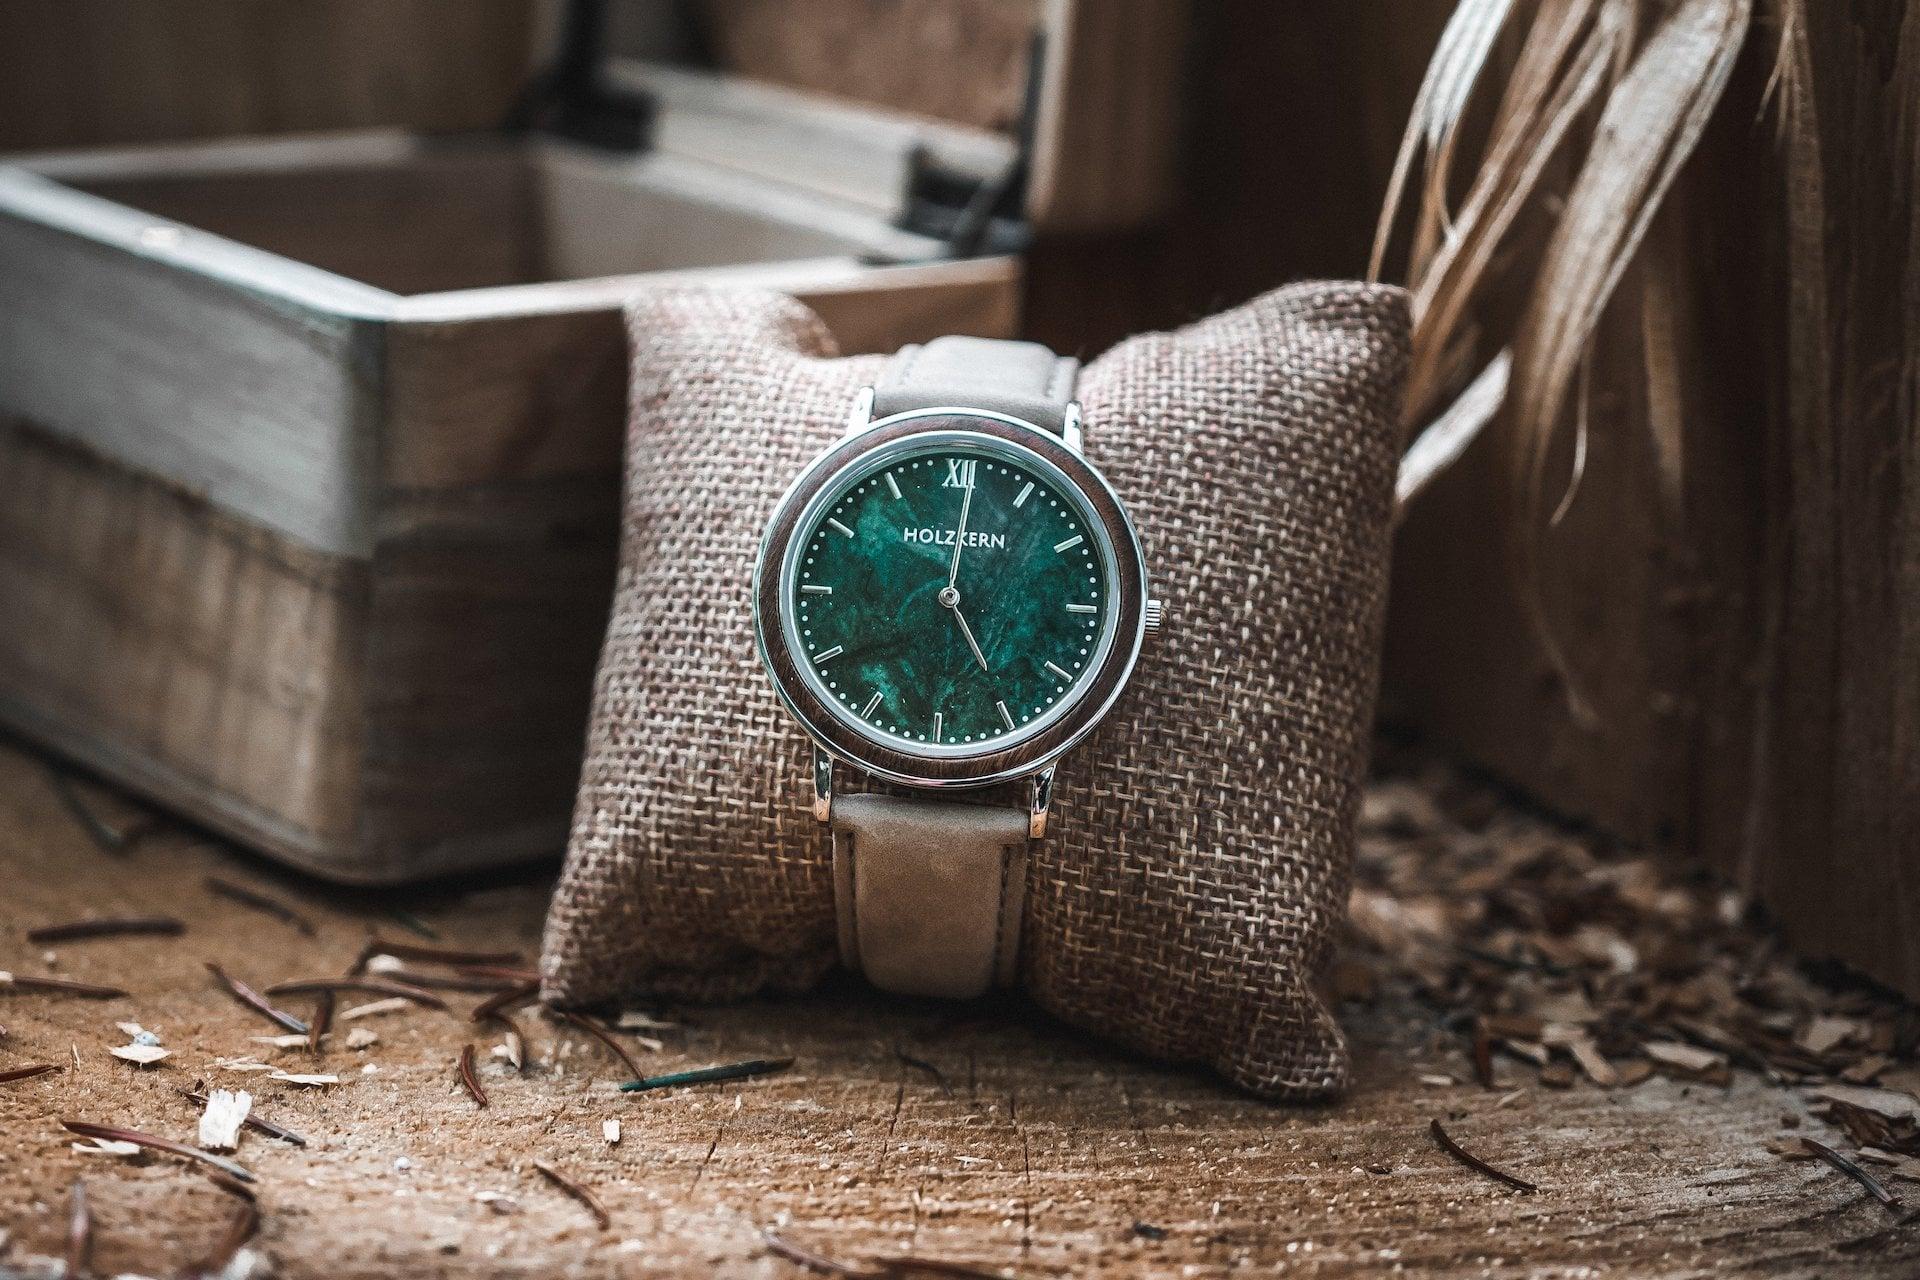 Die Uhr Stanley Park auf einem Kissen neben der Holzbox